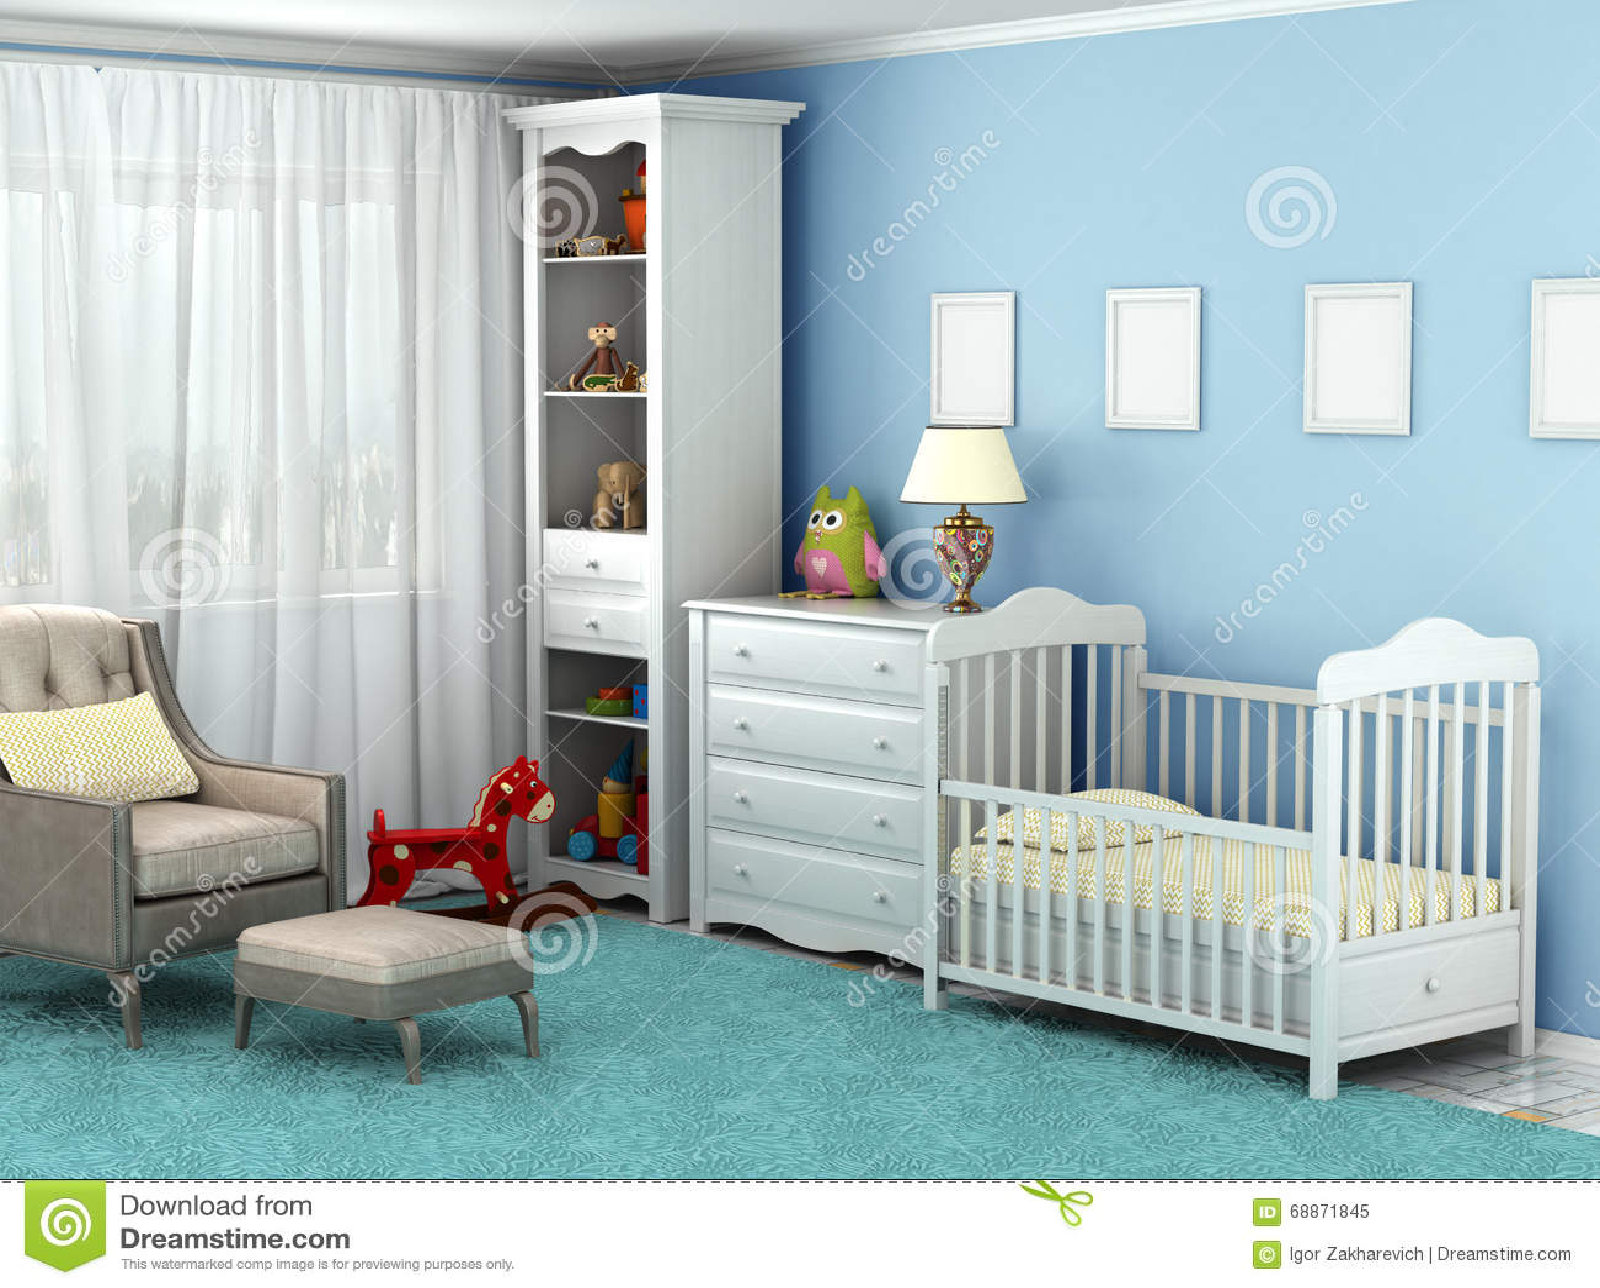 kinderzimmer, in dem es einen stuhl gibt, spielwaren, möbel